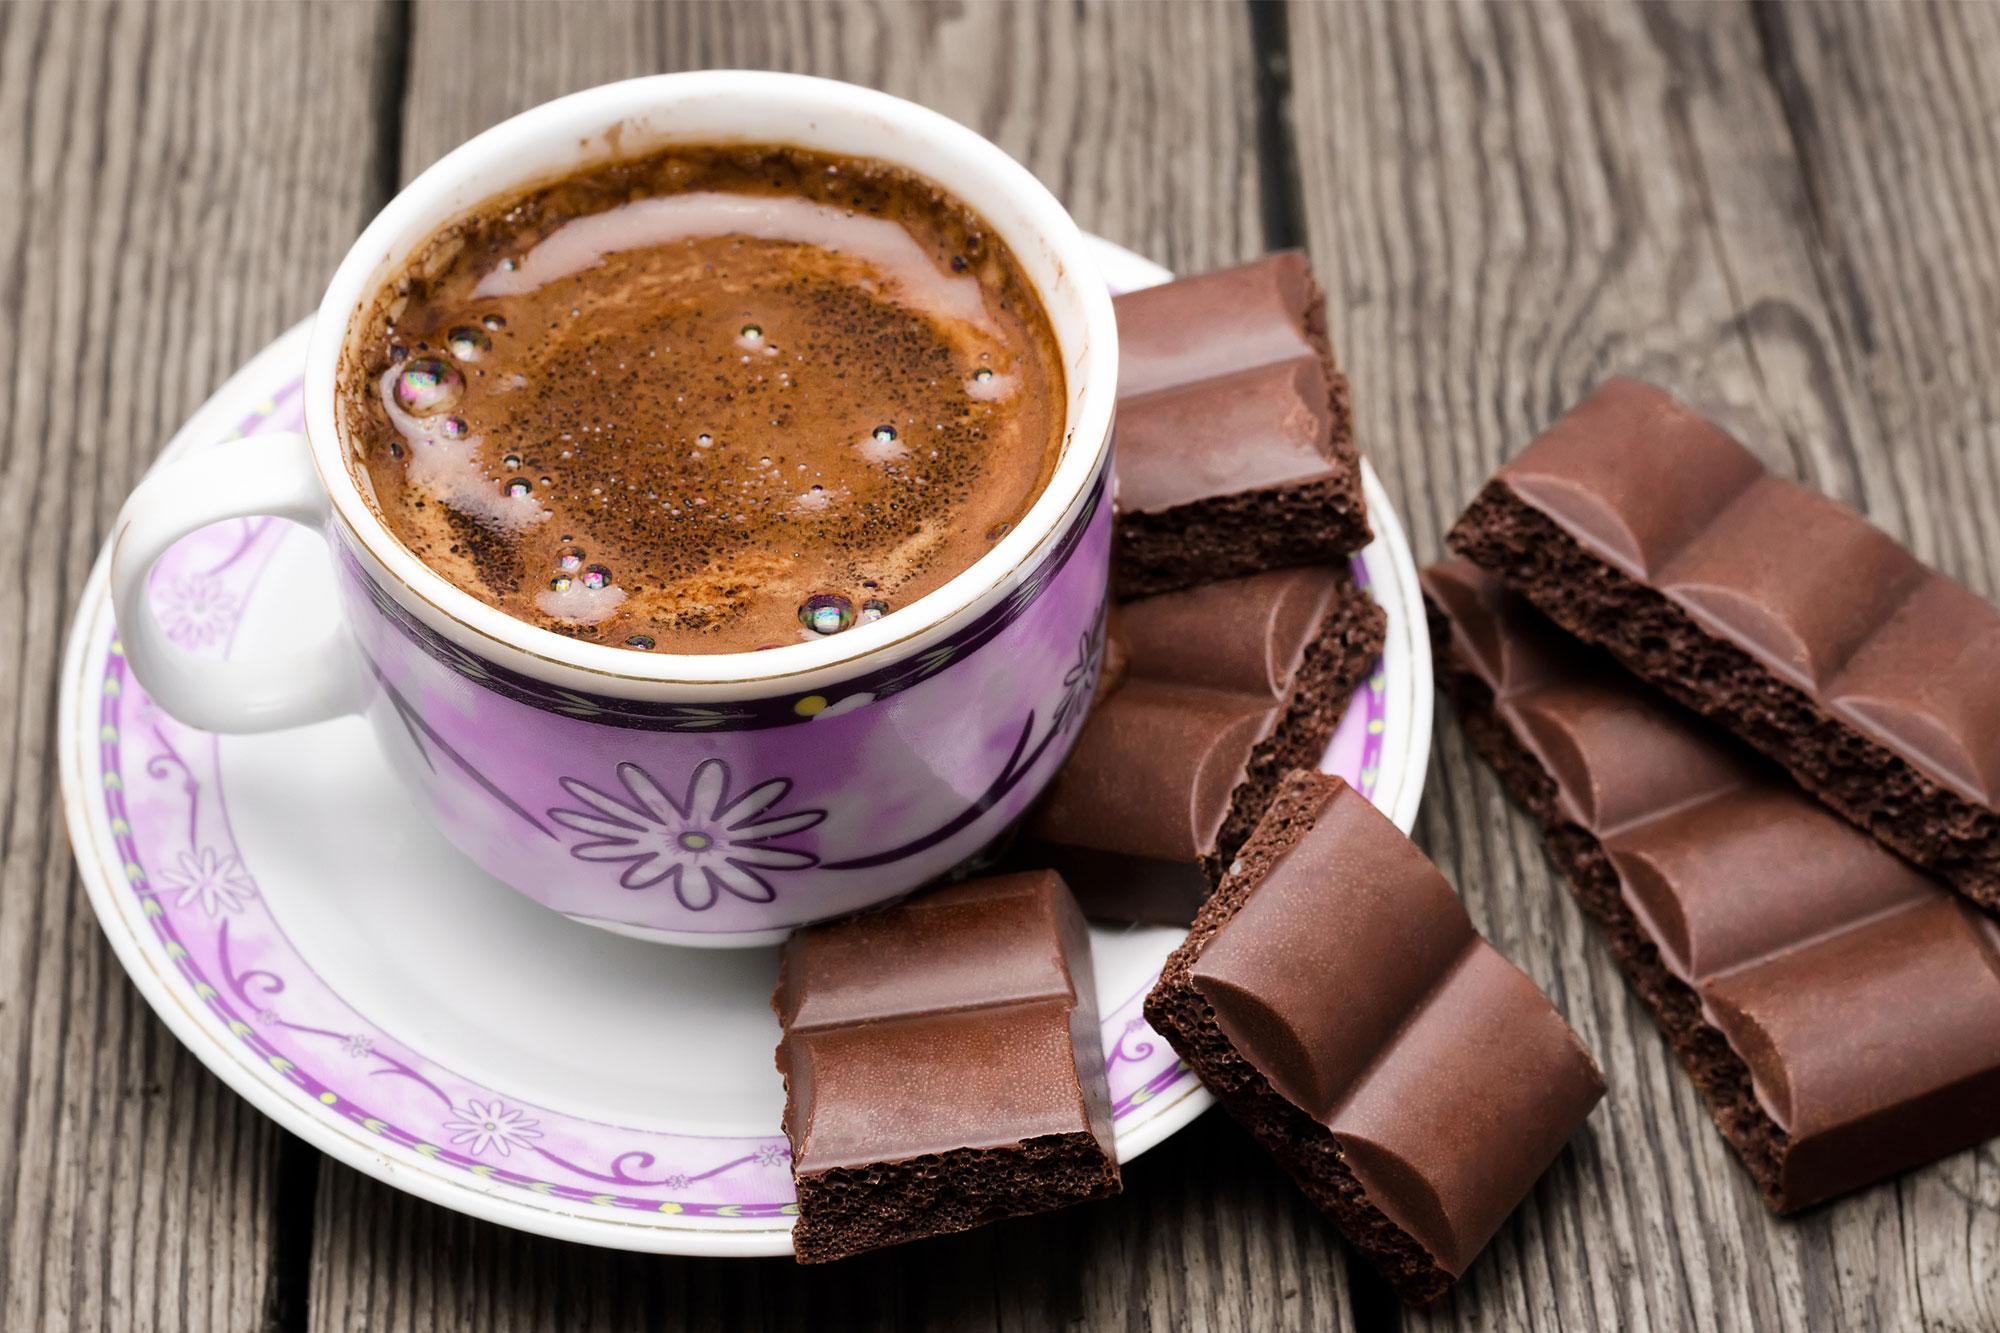 चॉकलेट कॉफी